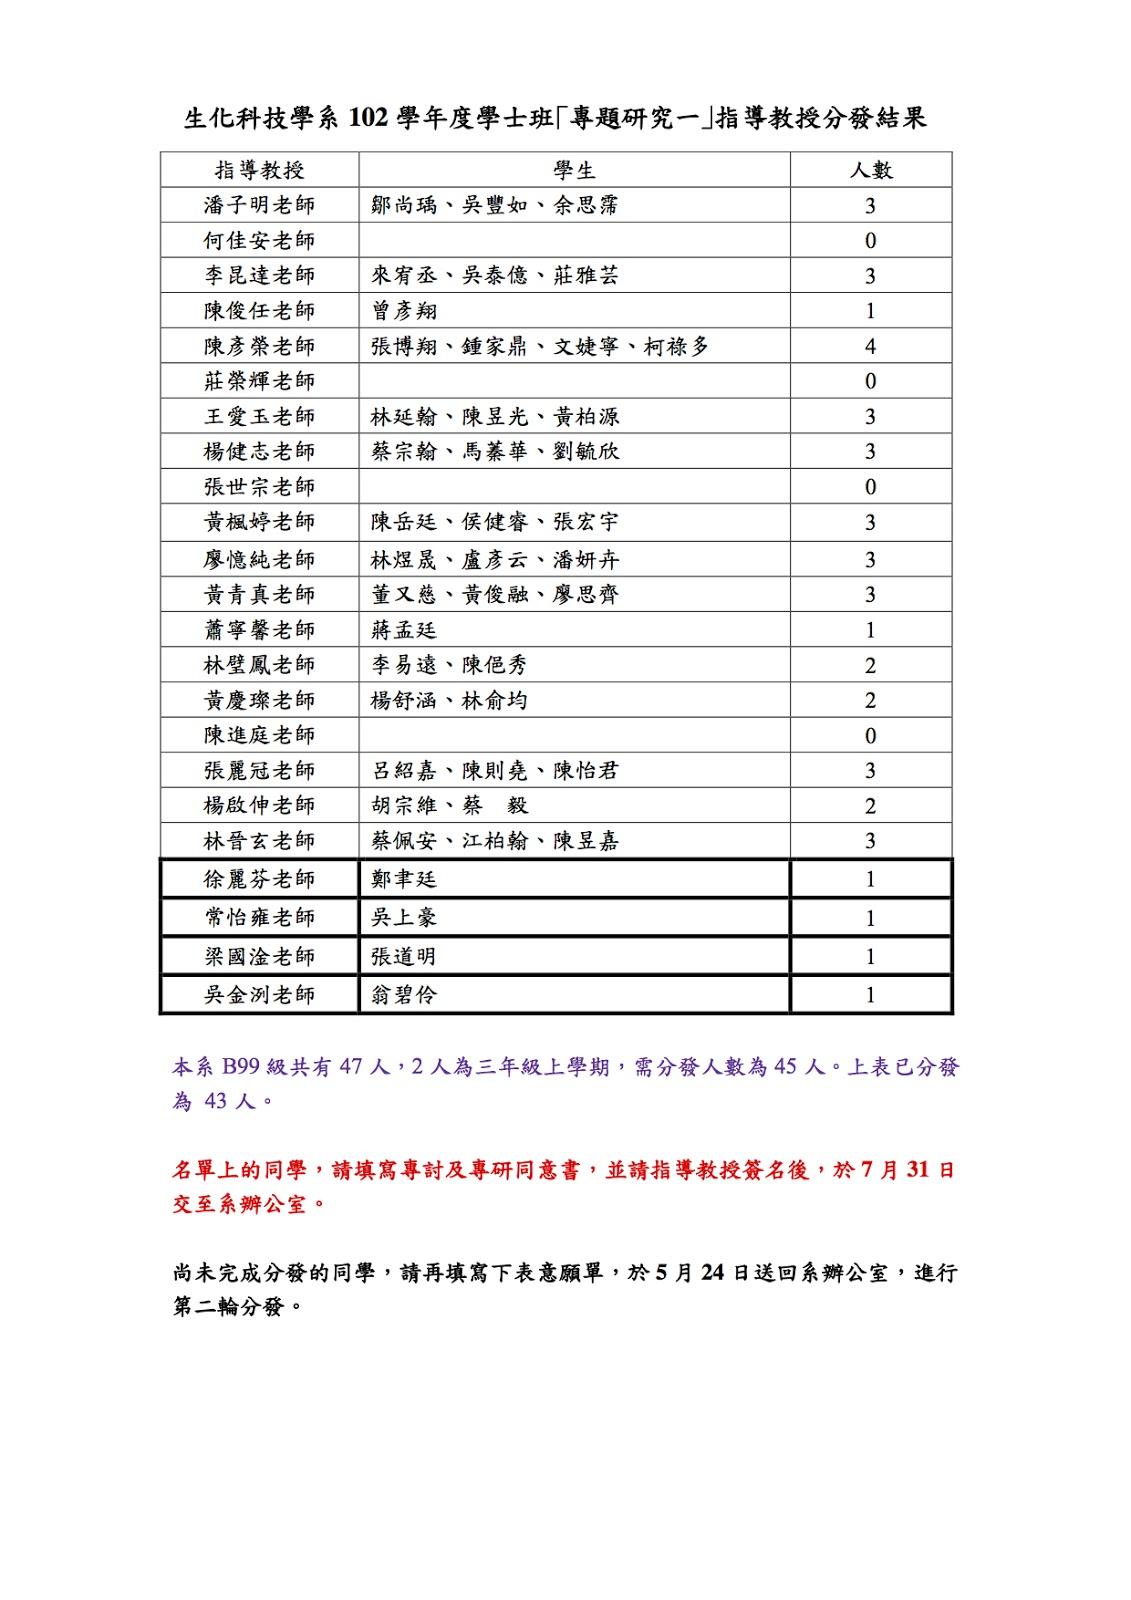 臺大生化科技學系公告欄: 102 學年度學士班「專題研究一」指導教授分發結果